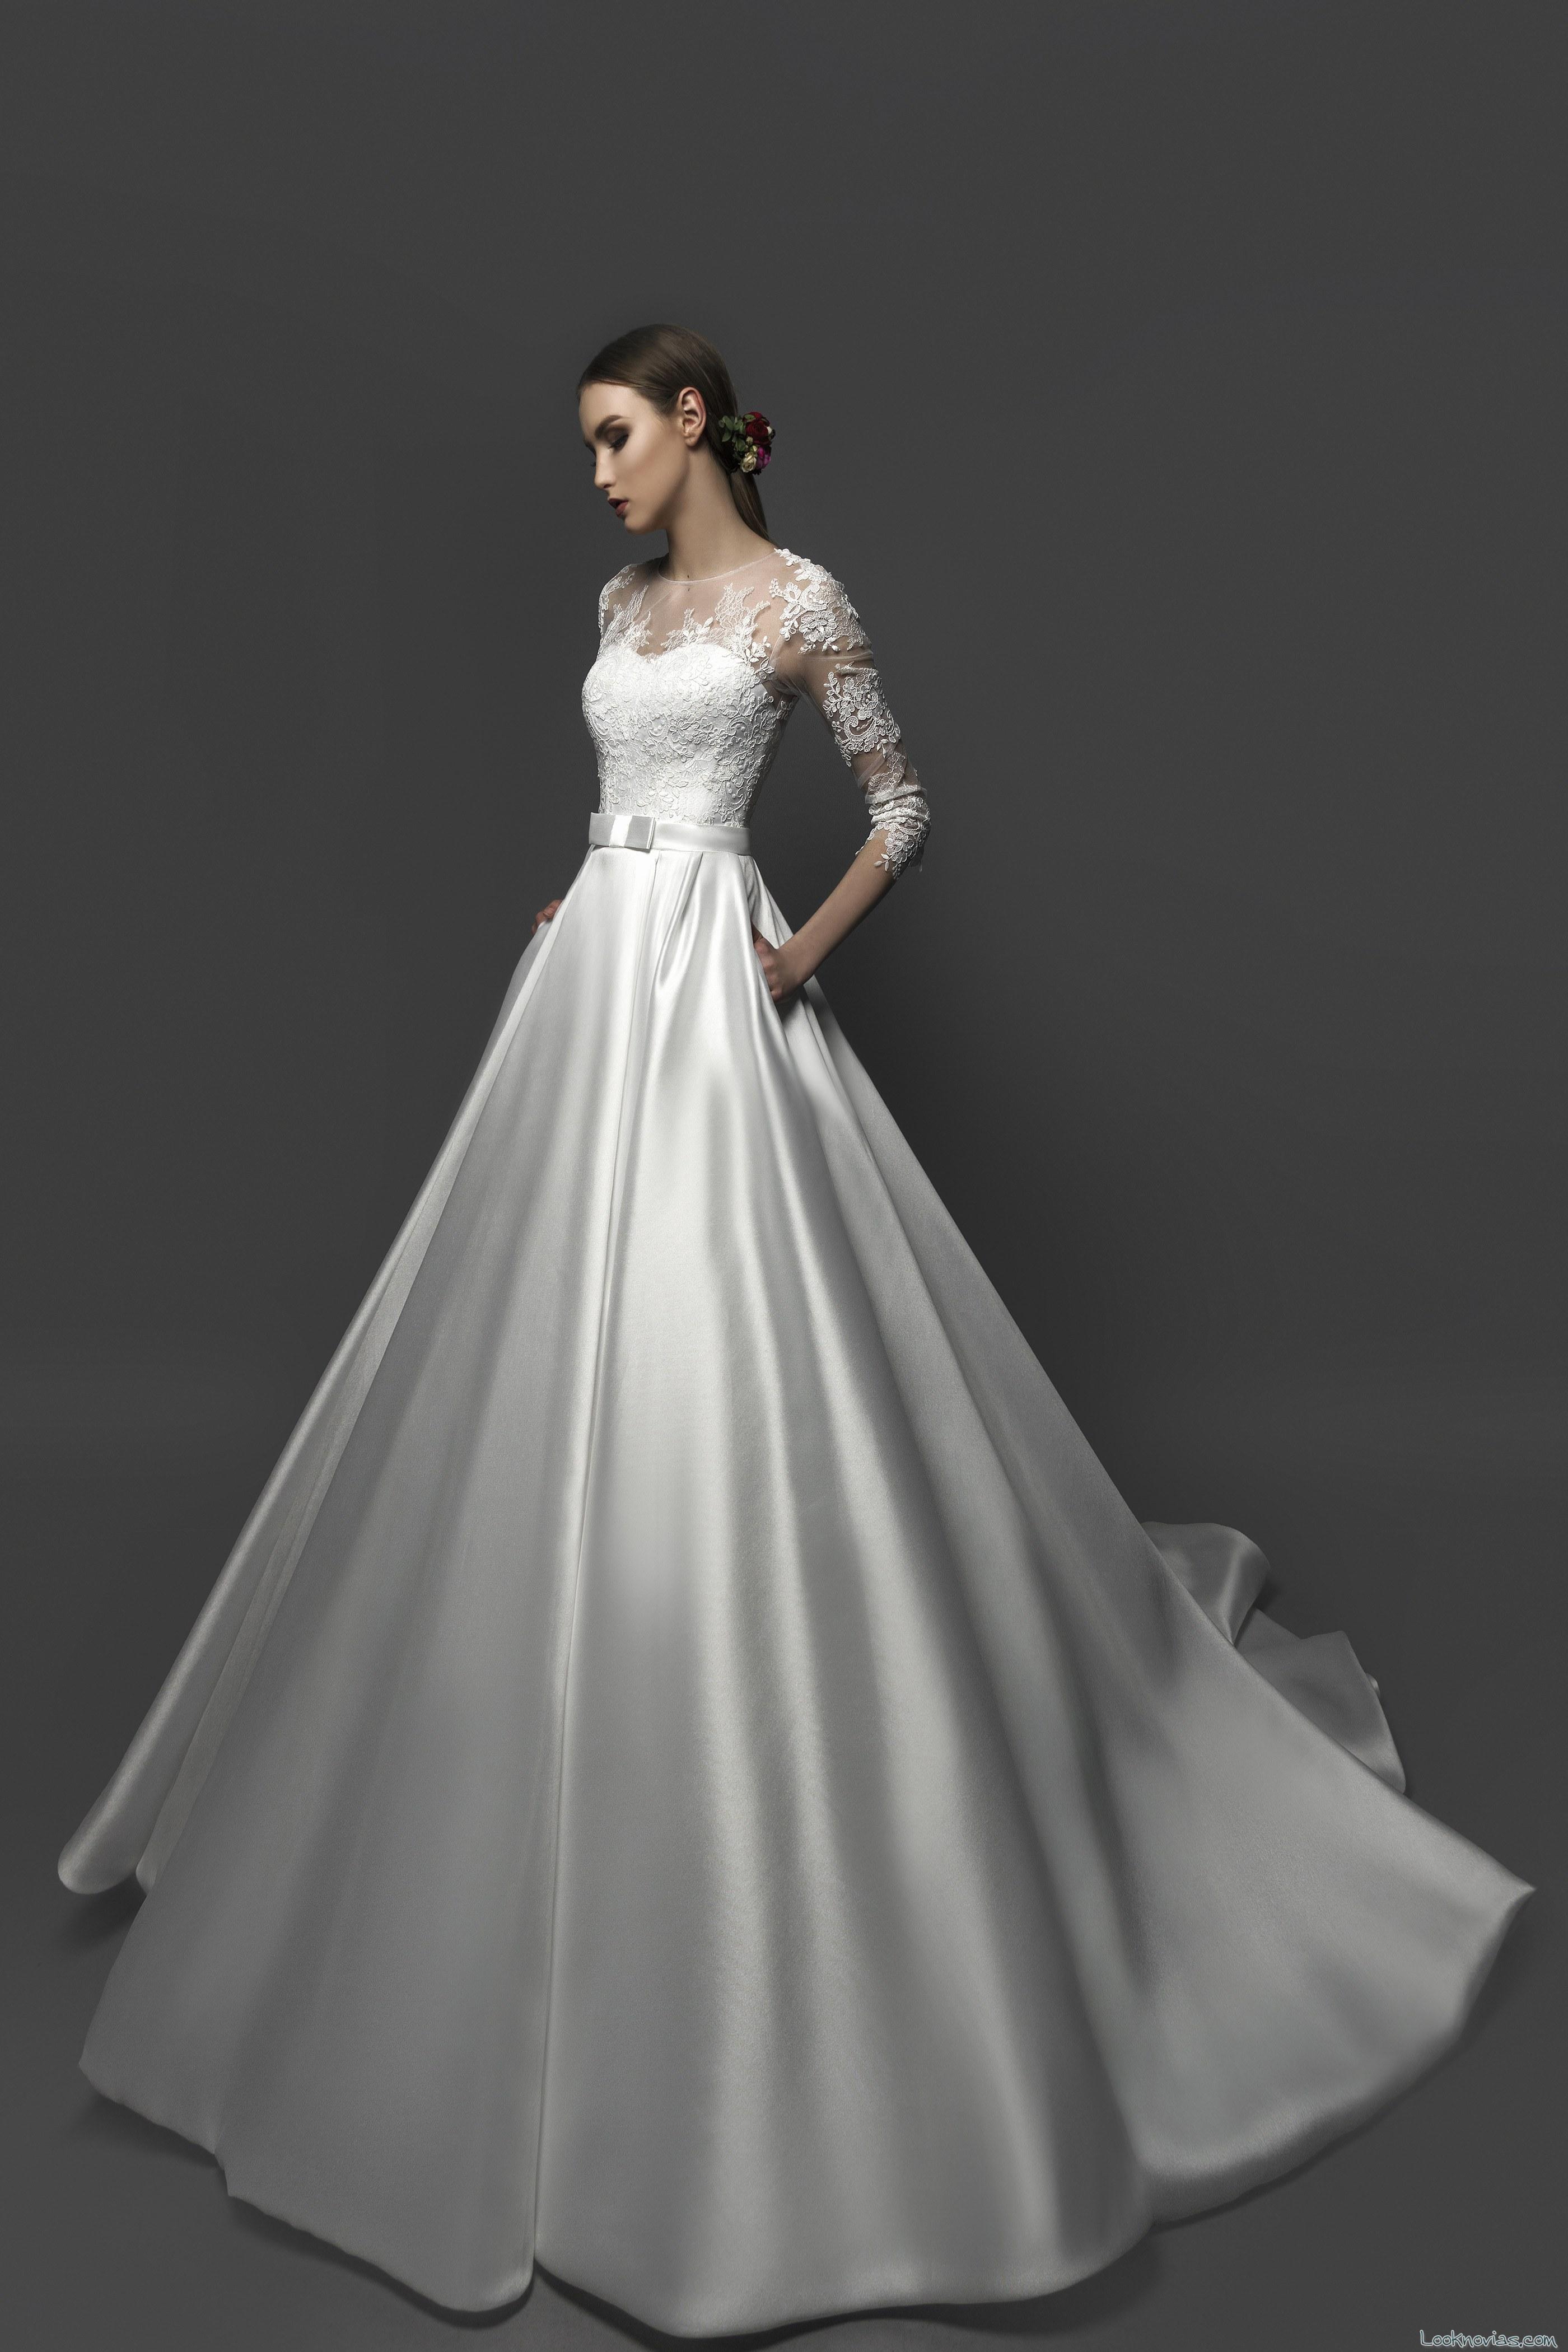 vestido princesa novia con falda lisa